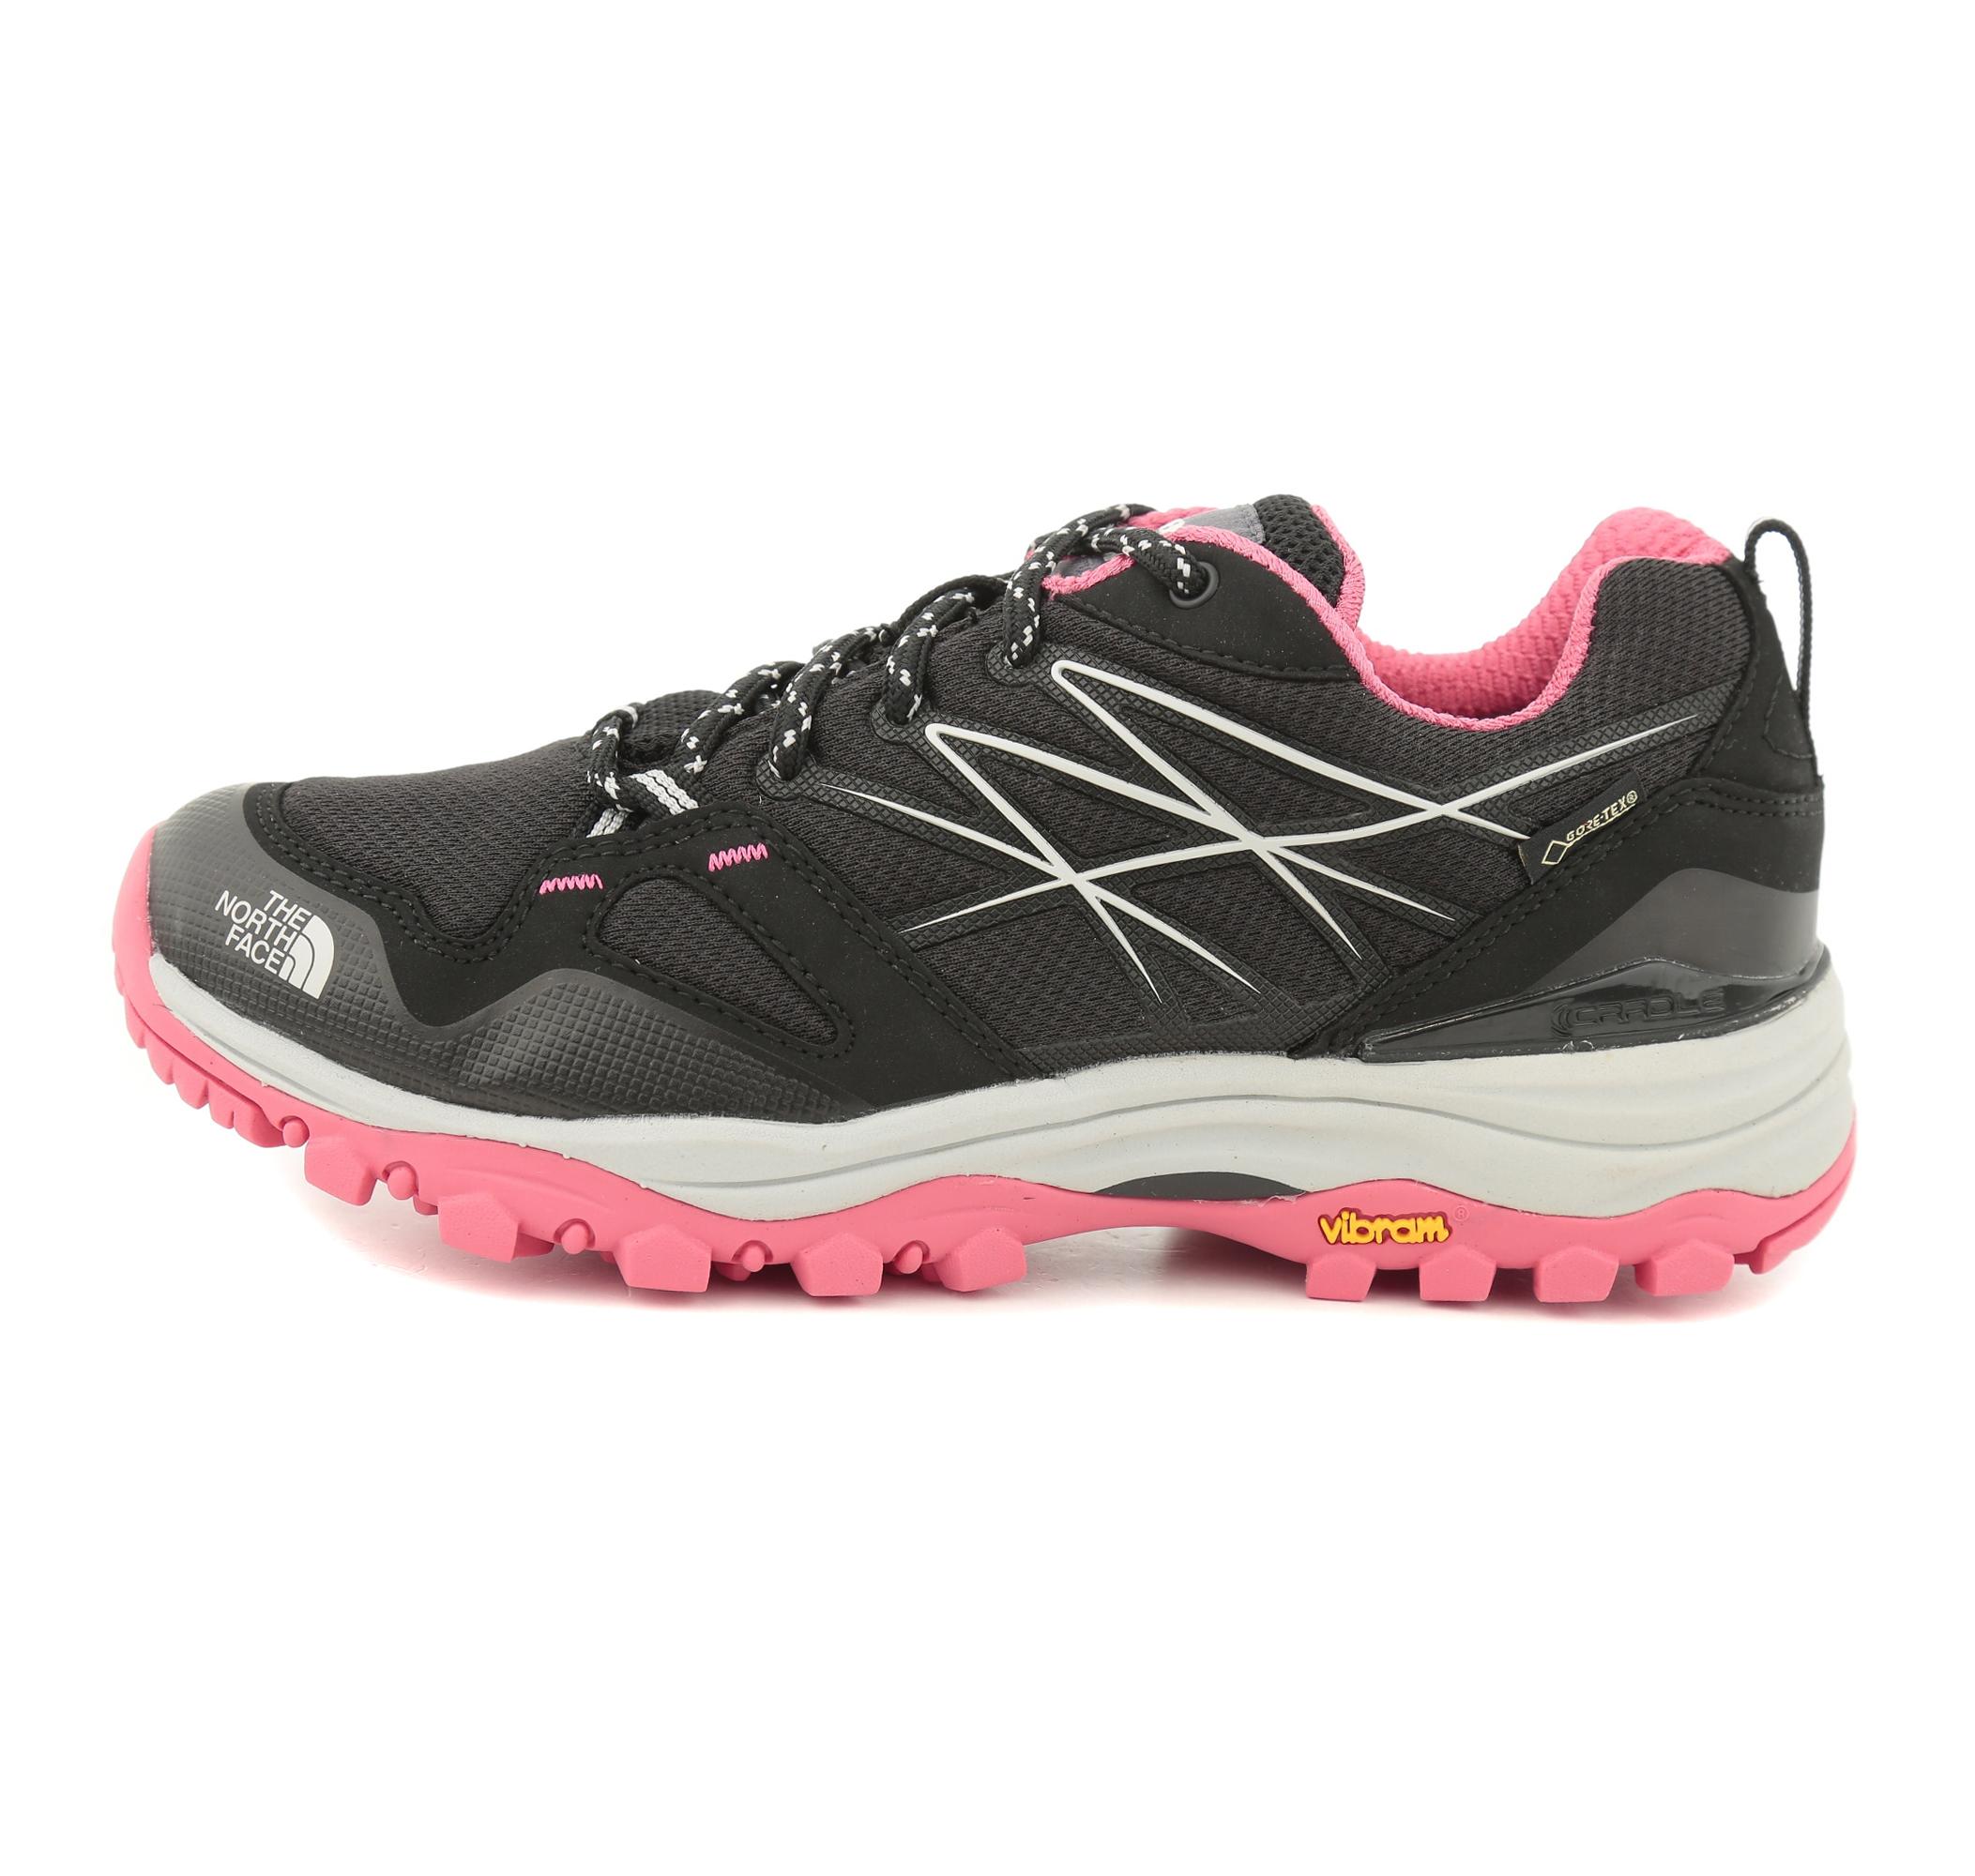 W Hedgehg Fp Gtx(Eu) Kadın Spor Ayakkabı Siyah